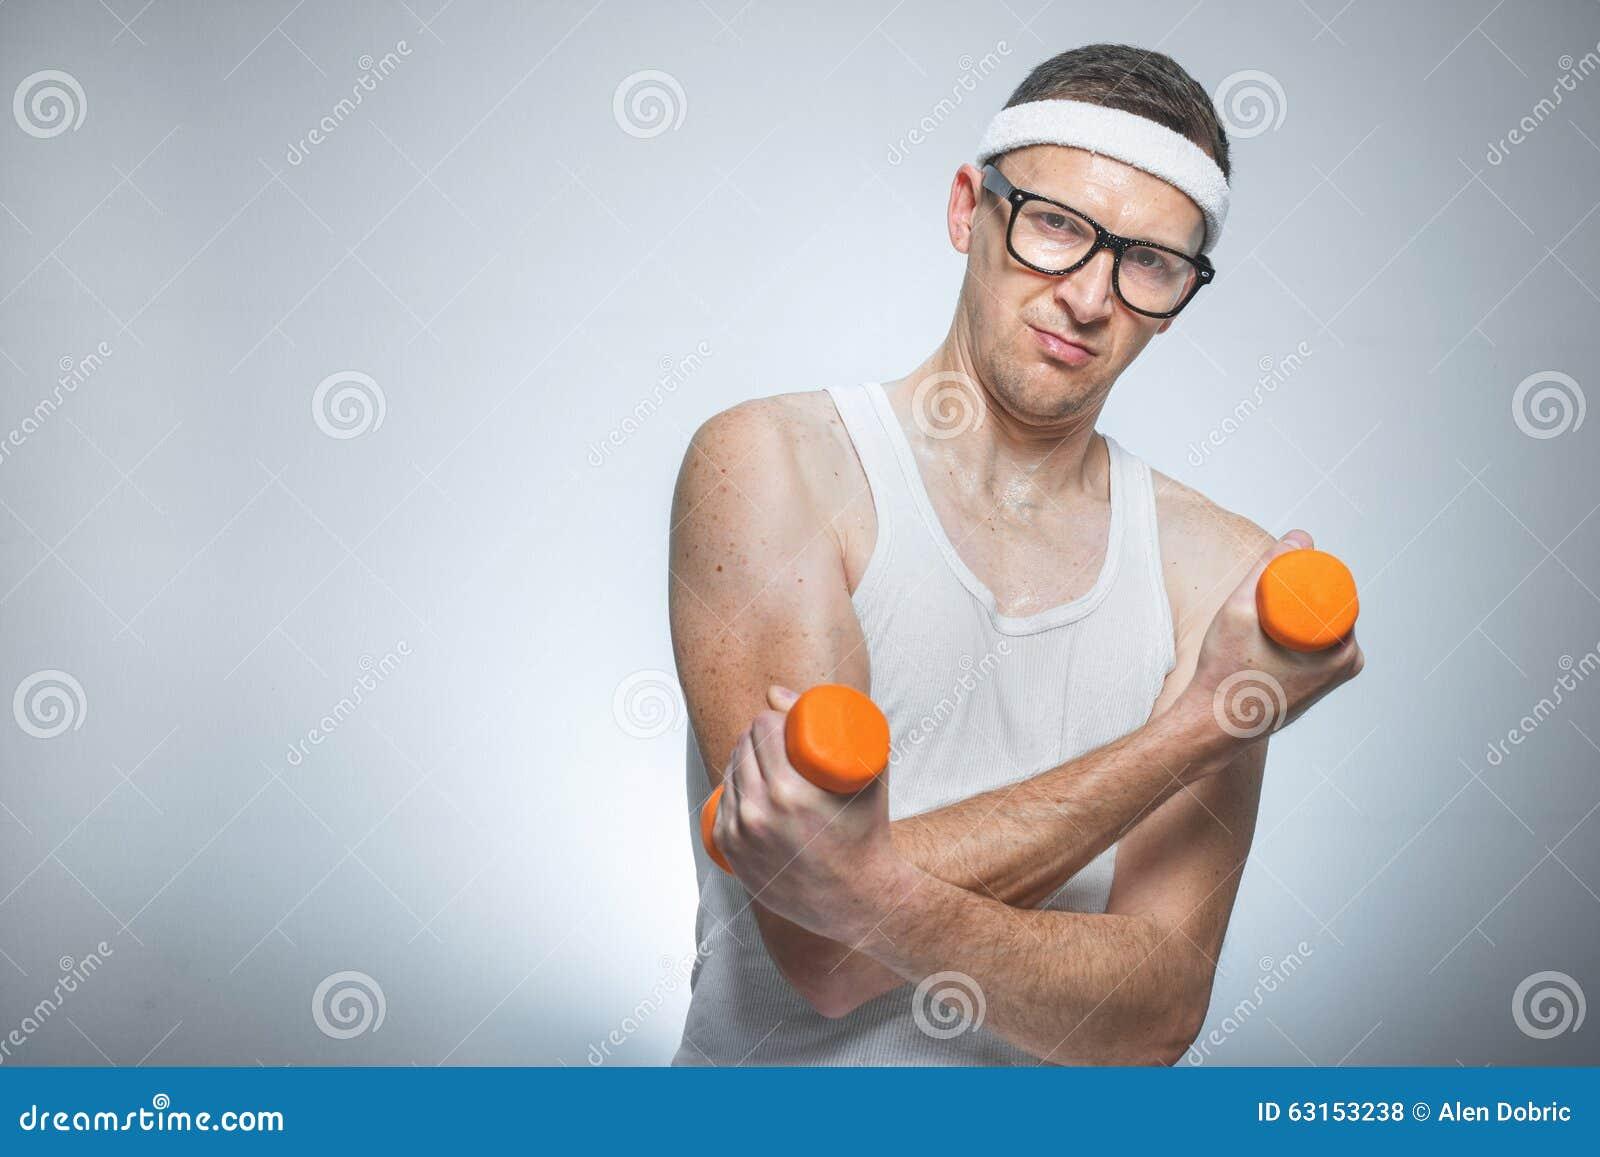 funny weak man lifting biceps stock photo image 63153238 weightlifting clipart logo weightlifting clipart logo